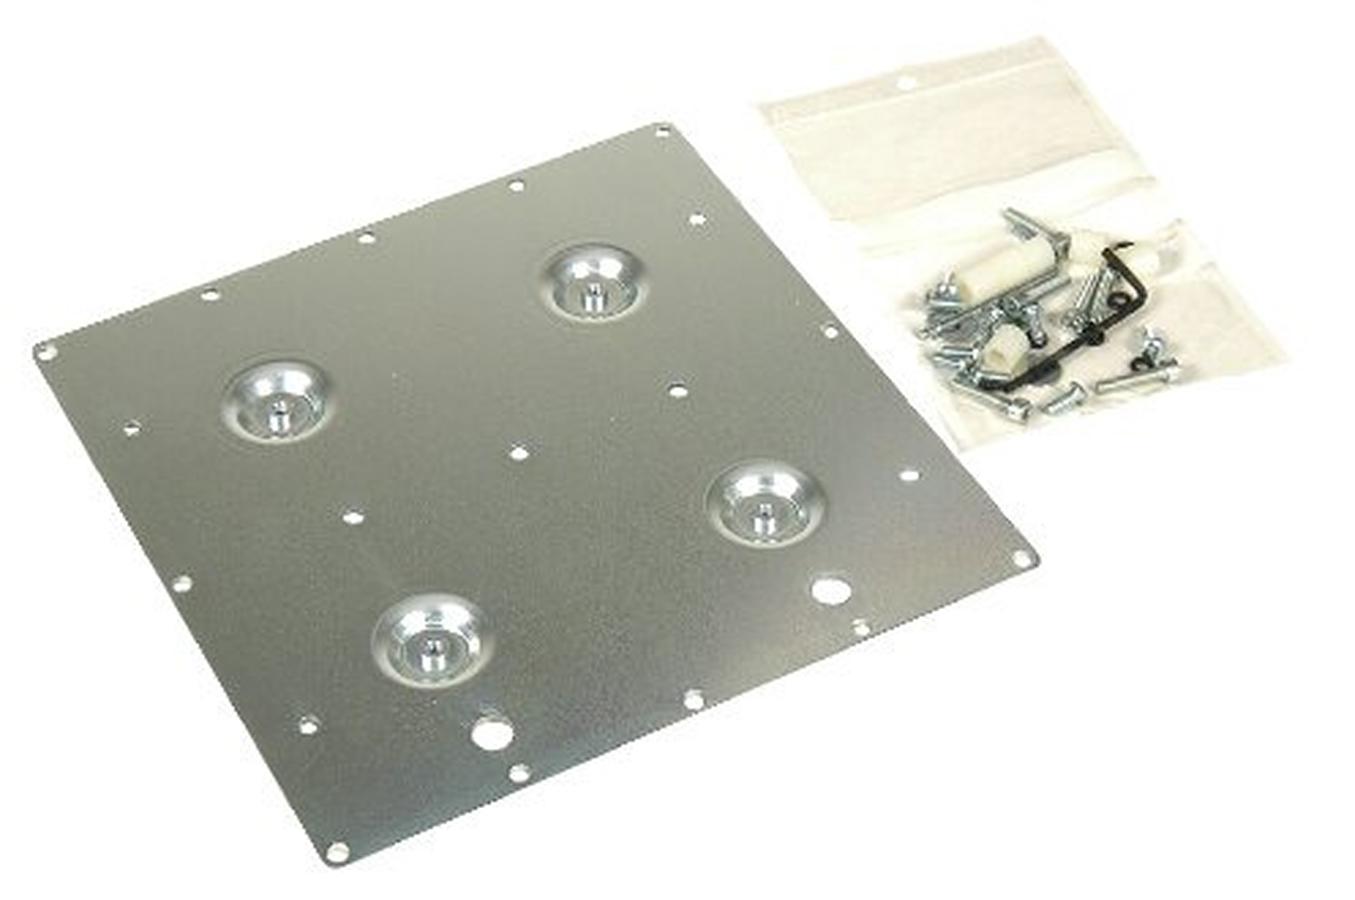 Accessoire pour support tv erard plaque d 39 adaptation vesa - Support tv sur pied darty ...